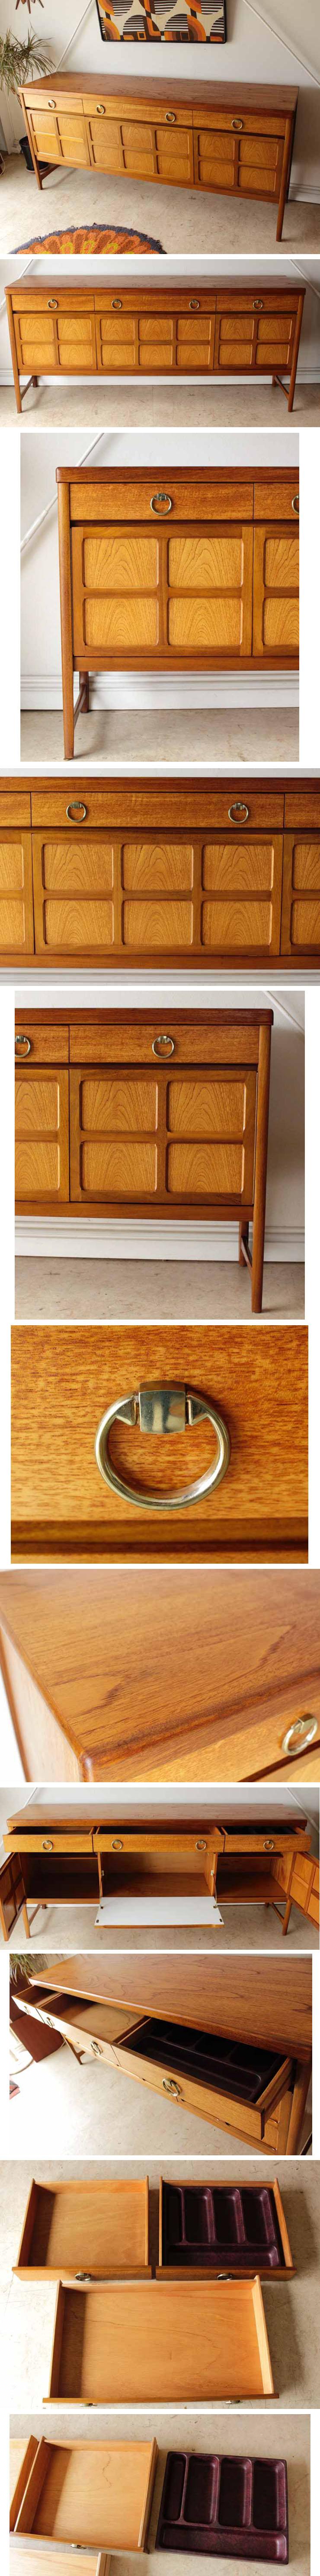 ネイサン・サイドボード・テレビボード・チーク・ビンテージ・北欧・輸入家具